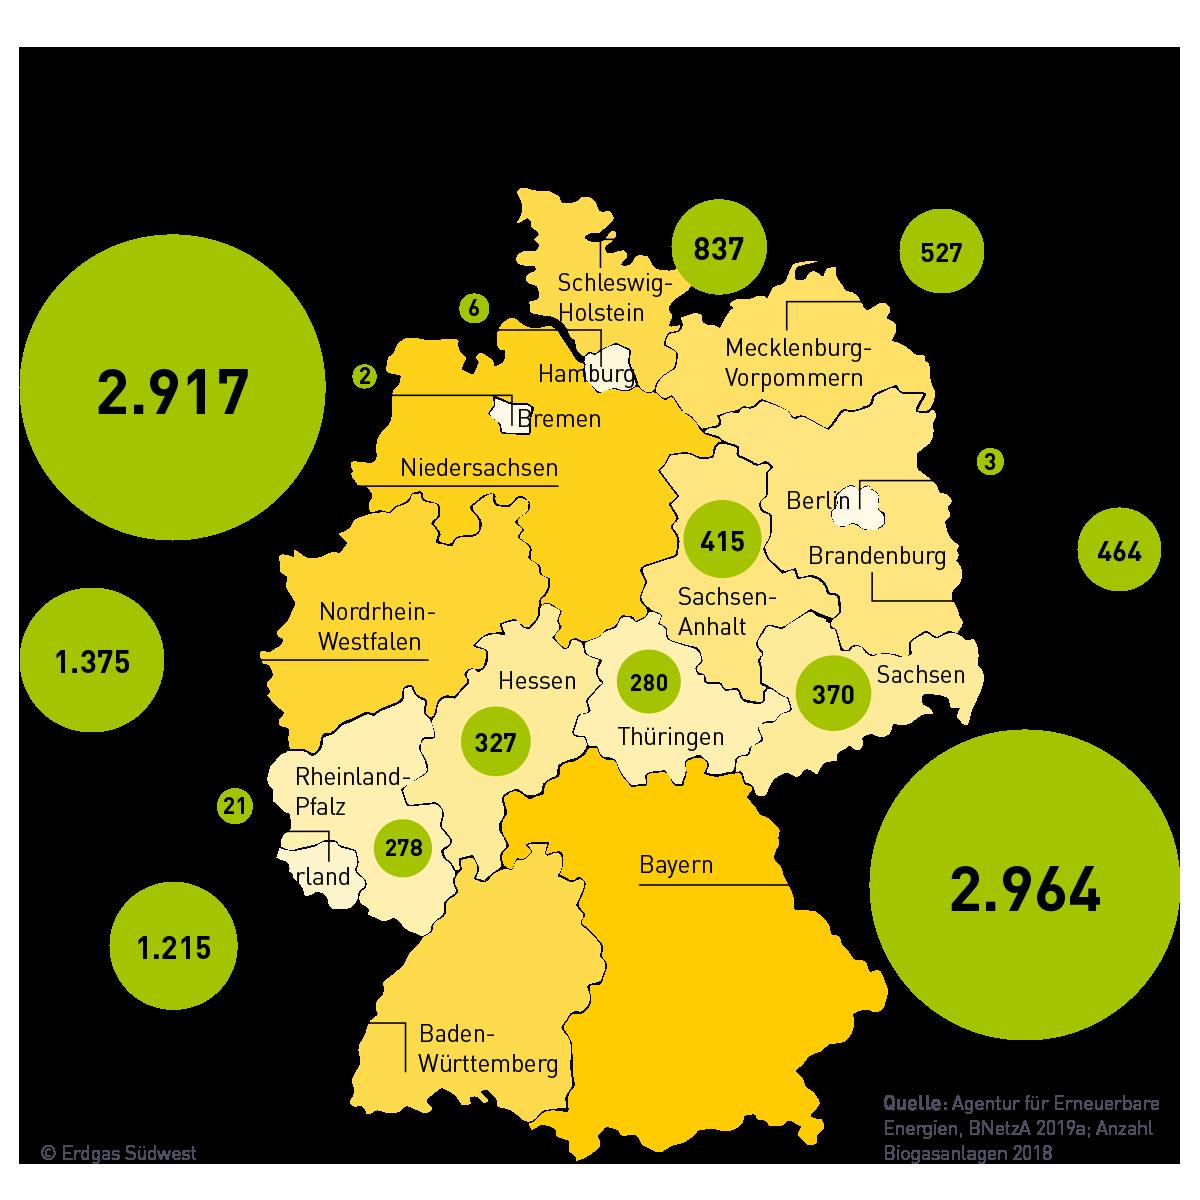 biogasanlagen in deutschland karte natürlichZukunft   Biogas, Biomethan, Bioerdgas und Grüne Gase